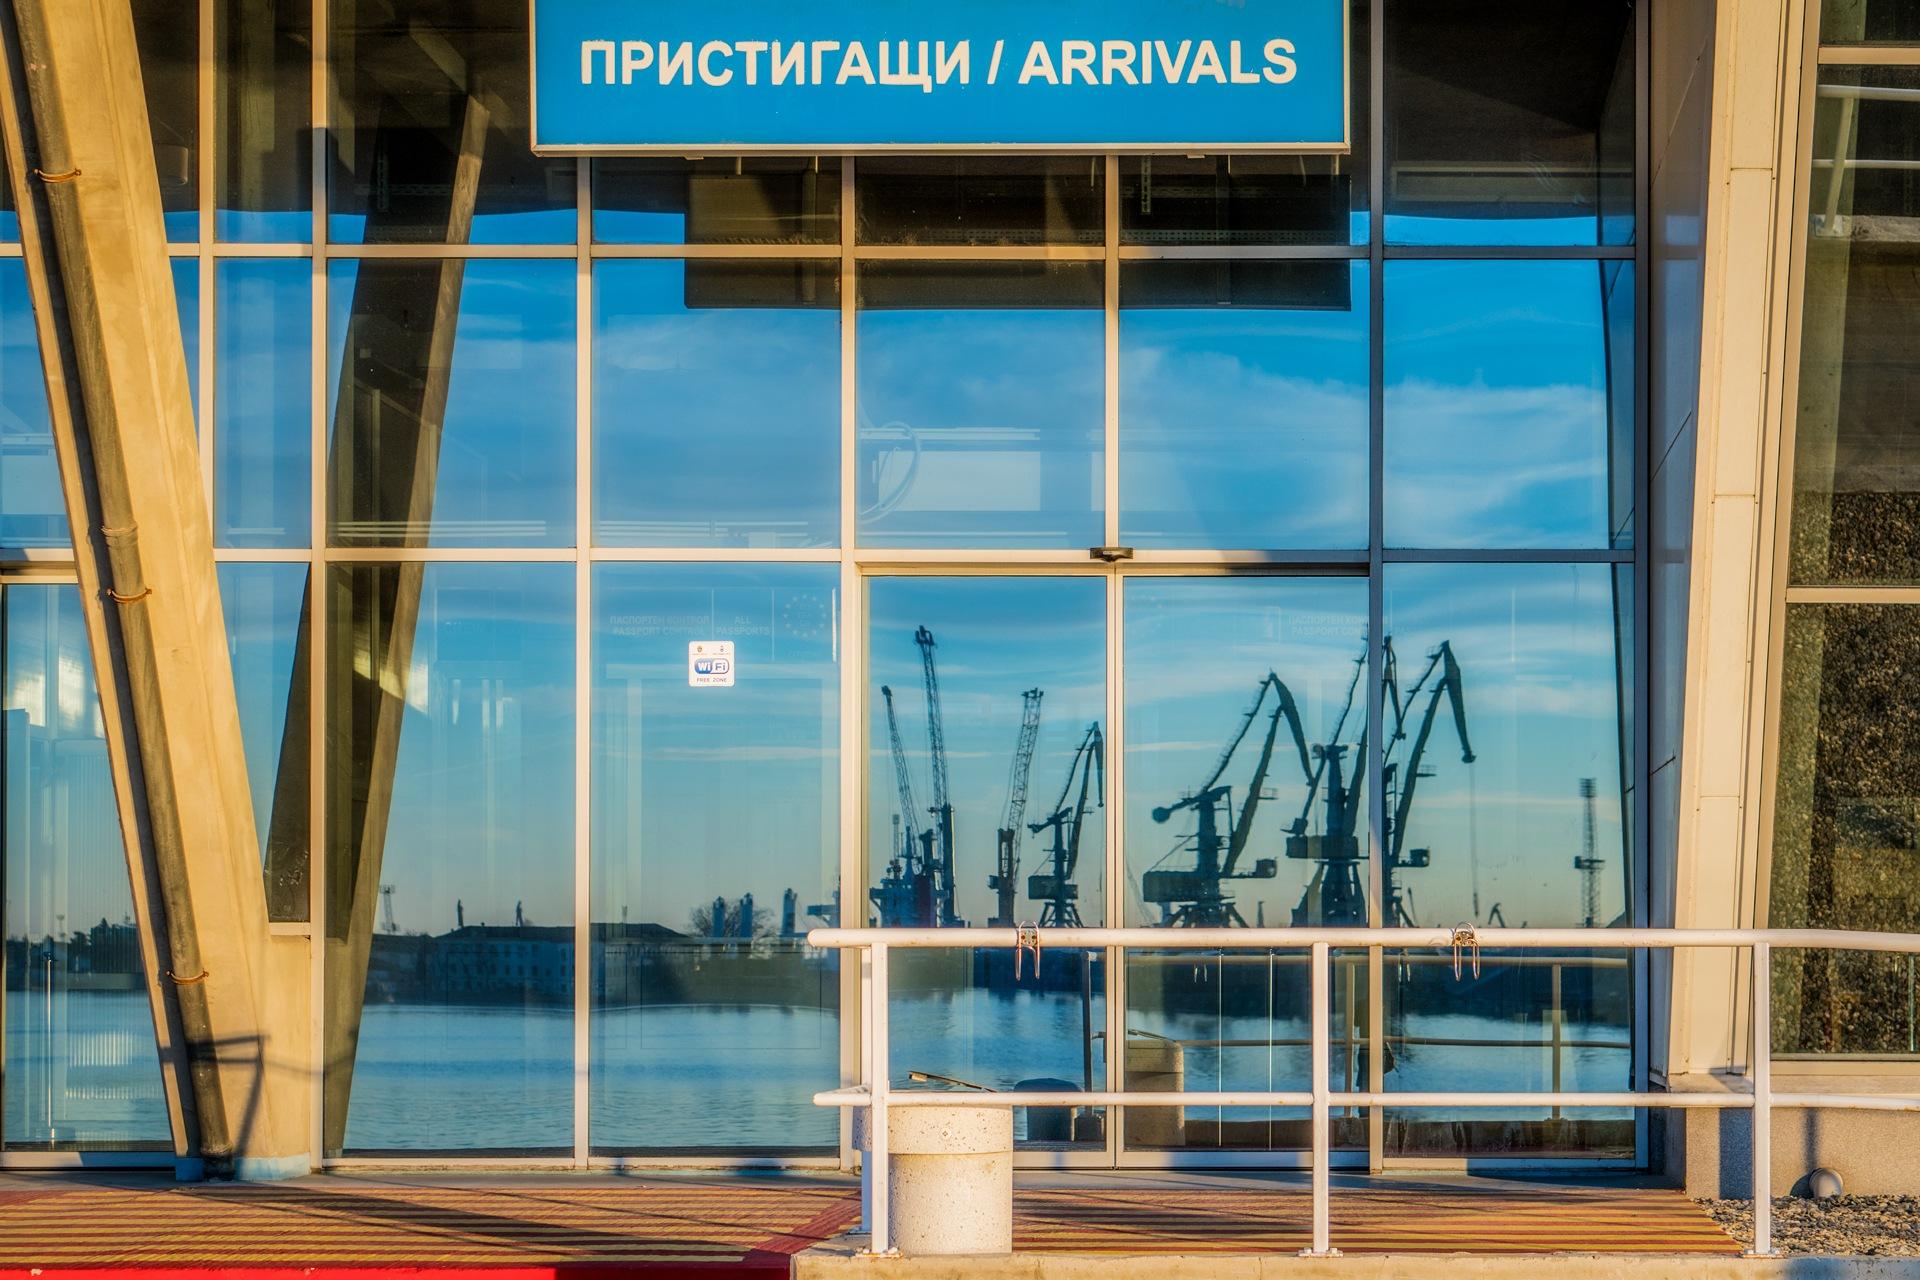 Sea passenger terminal  by Venelin Todorov